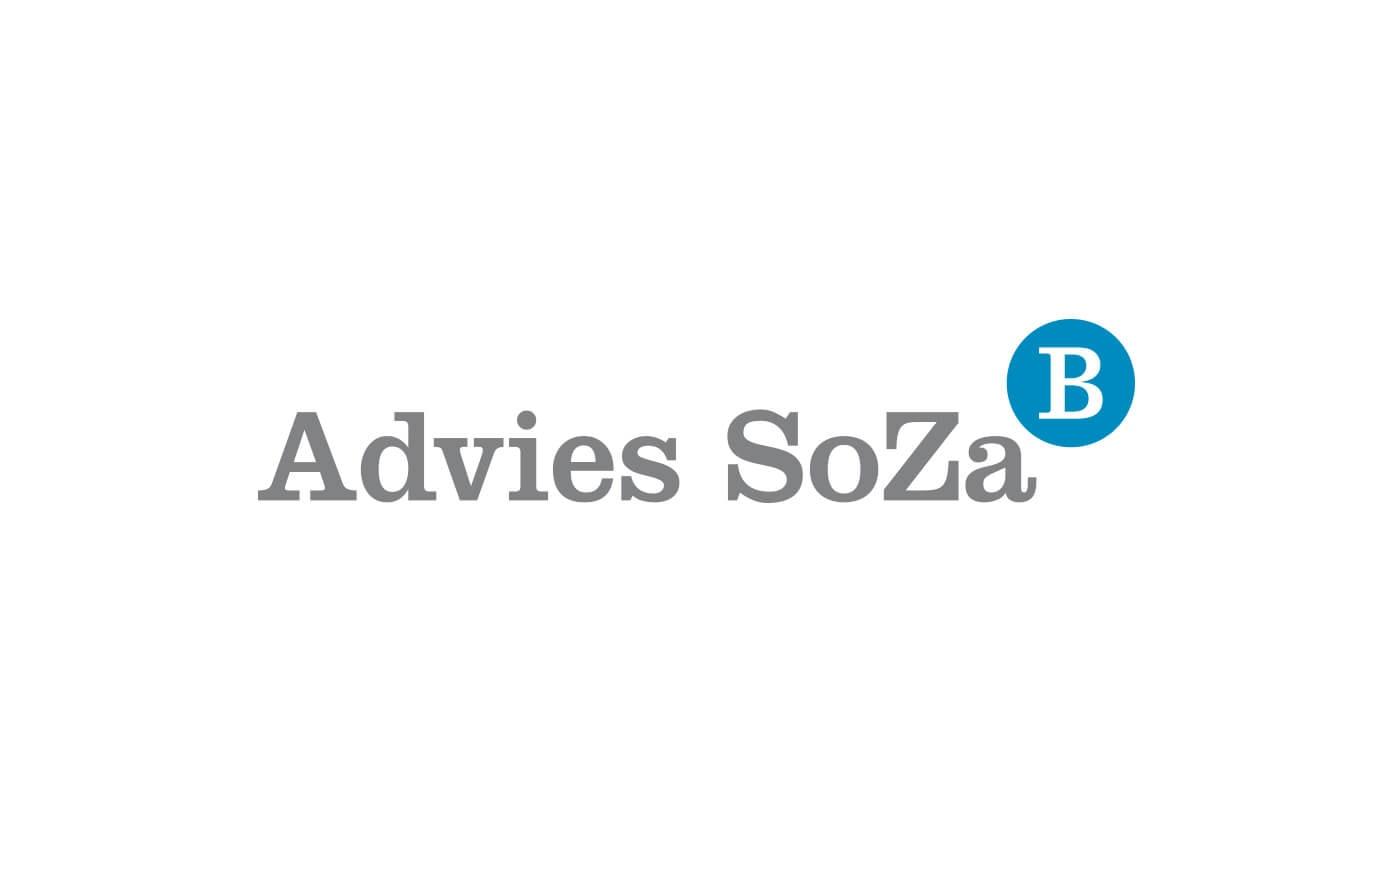 2010 Advies SoZa B logo